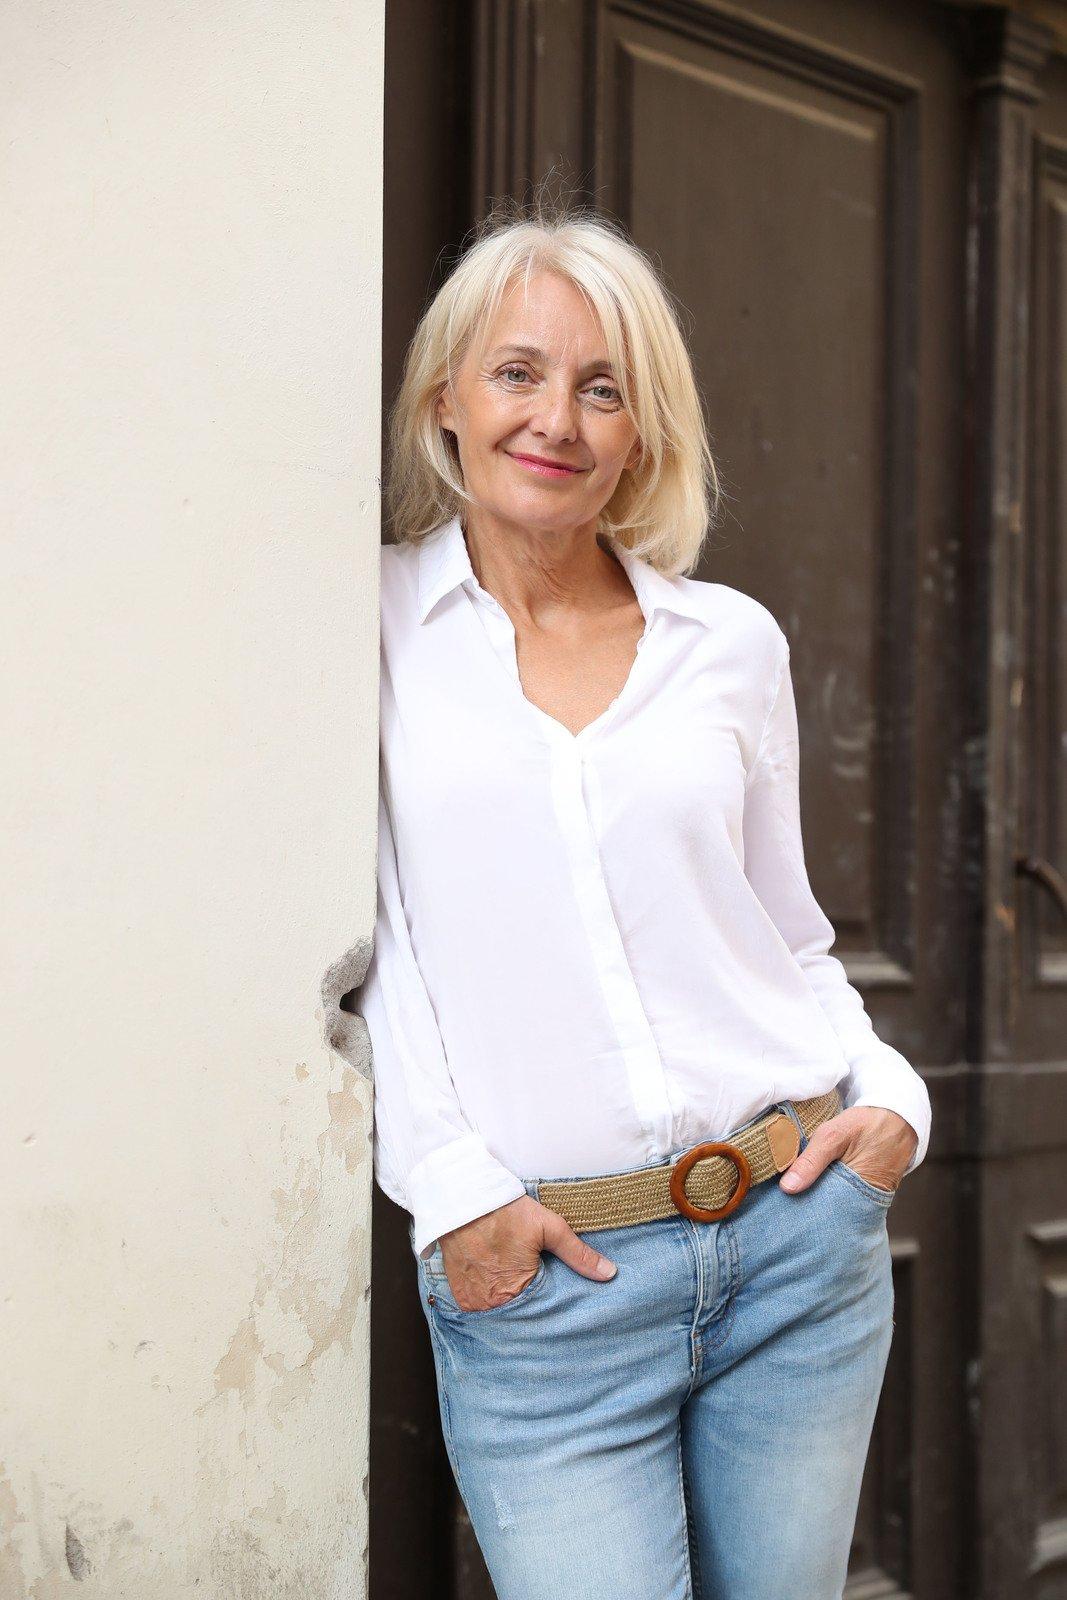 Křest nové knihy Ireny Obermannové: Veronika Žilková